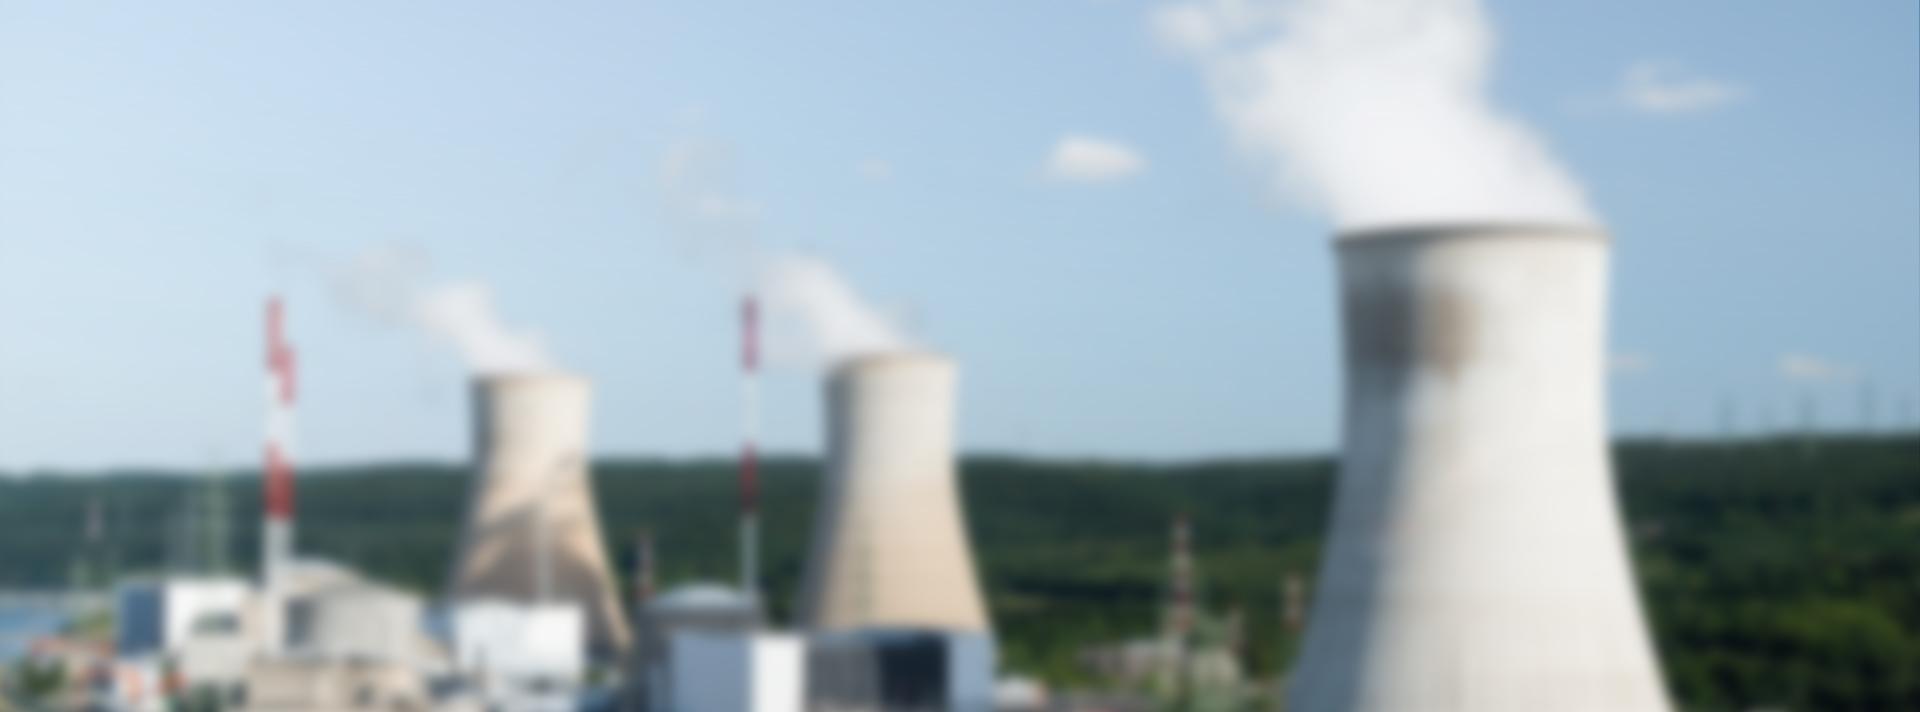 Sra004 Hompage Heroimageblurred Nuclear